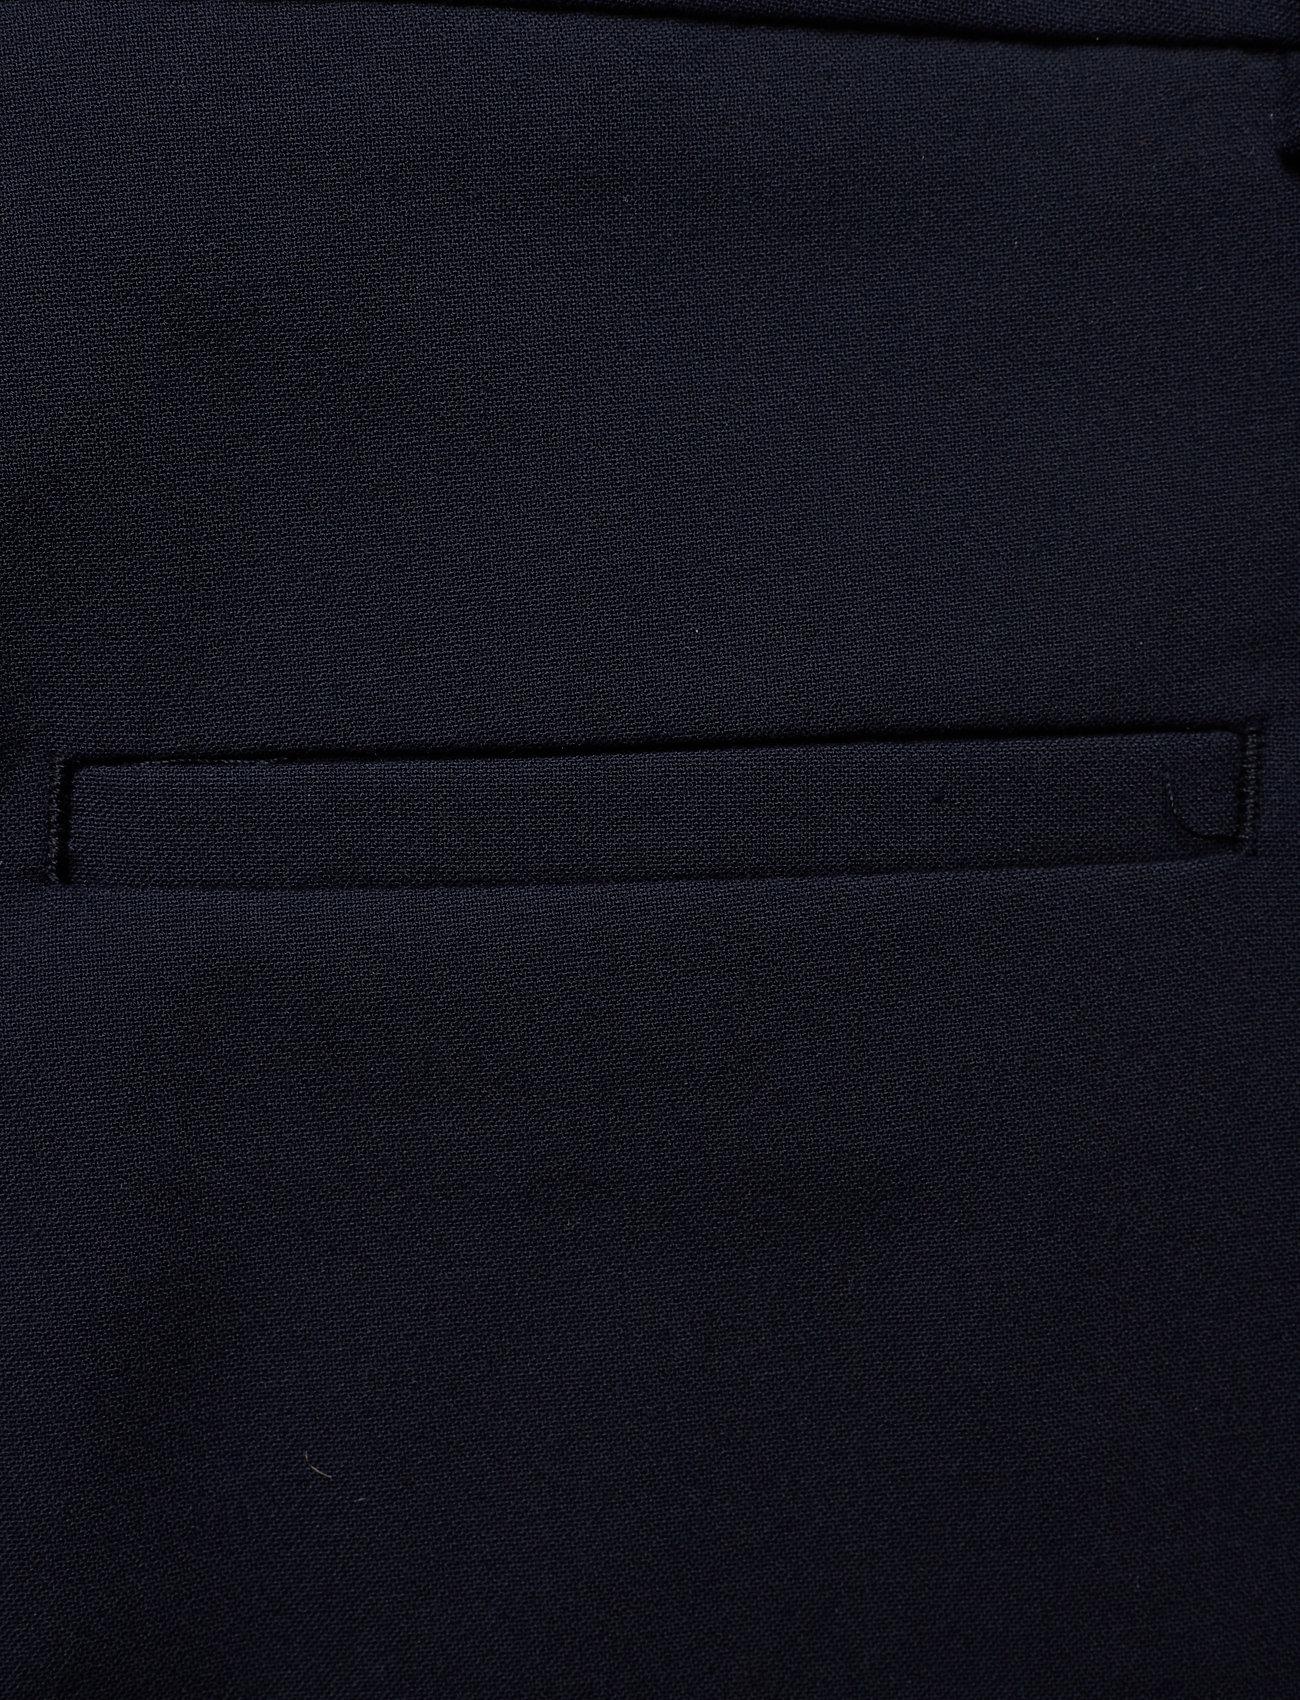 FIVEUNITS Angelie 285 - Spodnie NAVY GLOW - Kobiety Odzież.